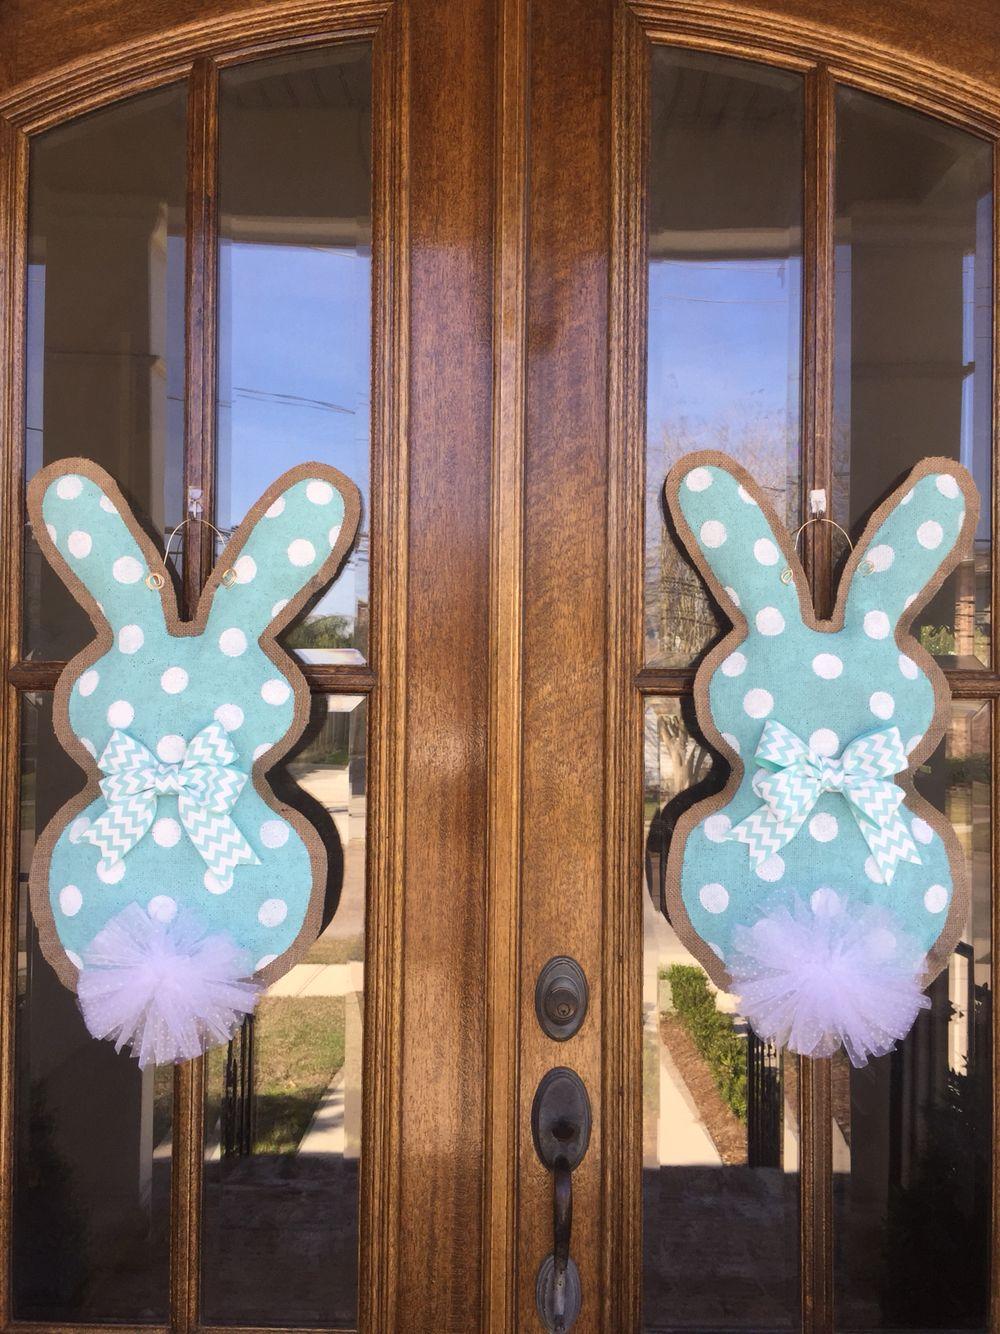 Double Door Bunny Burlap Door Hanger My Burlap Door Hanger Creations Burlap Door Hangers Double Door Wreaths Wooden Door Hangers